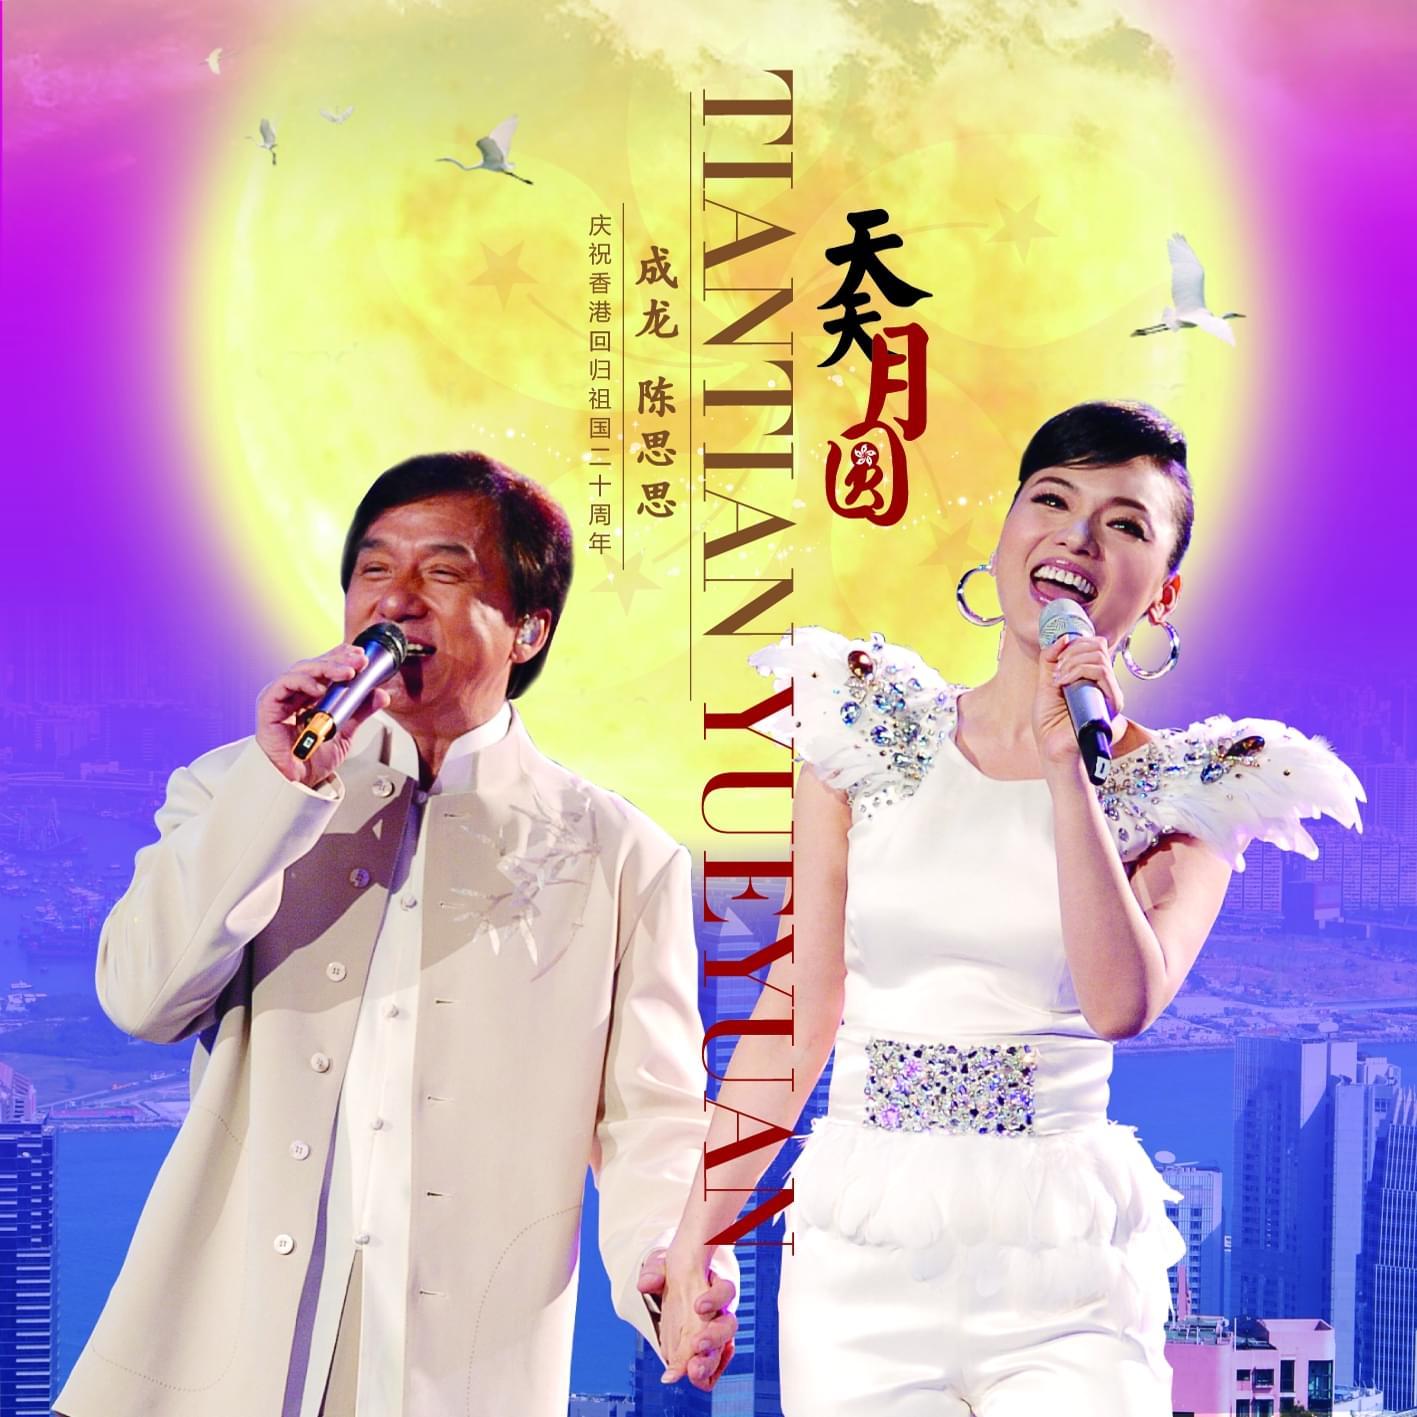 成龙陈思思《天天月圆》庆祝香港回归20周年